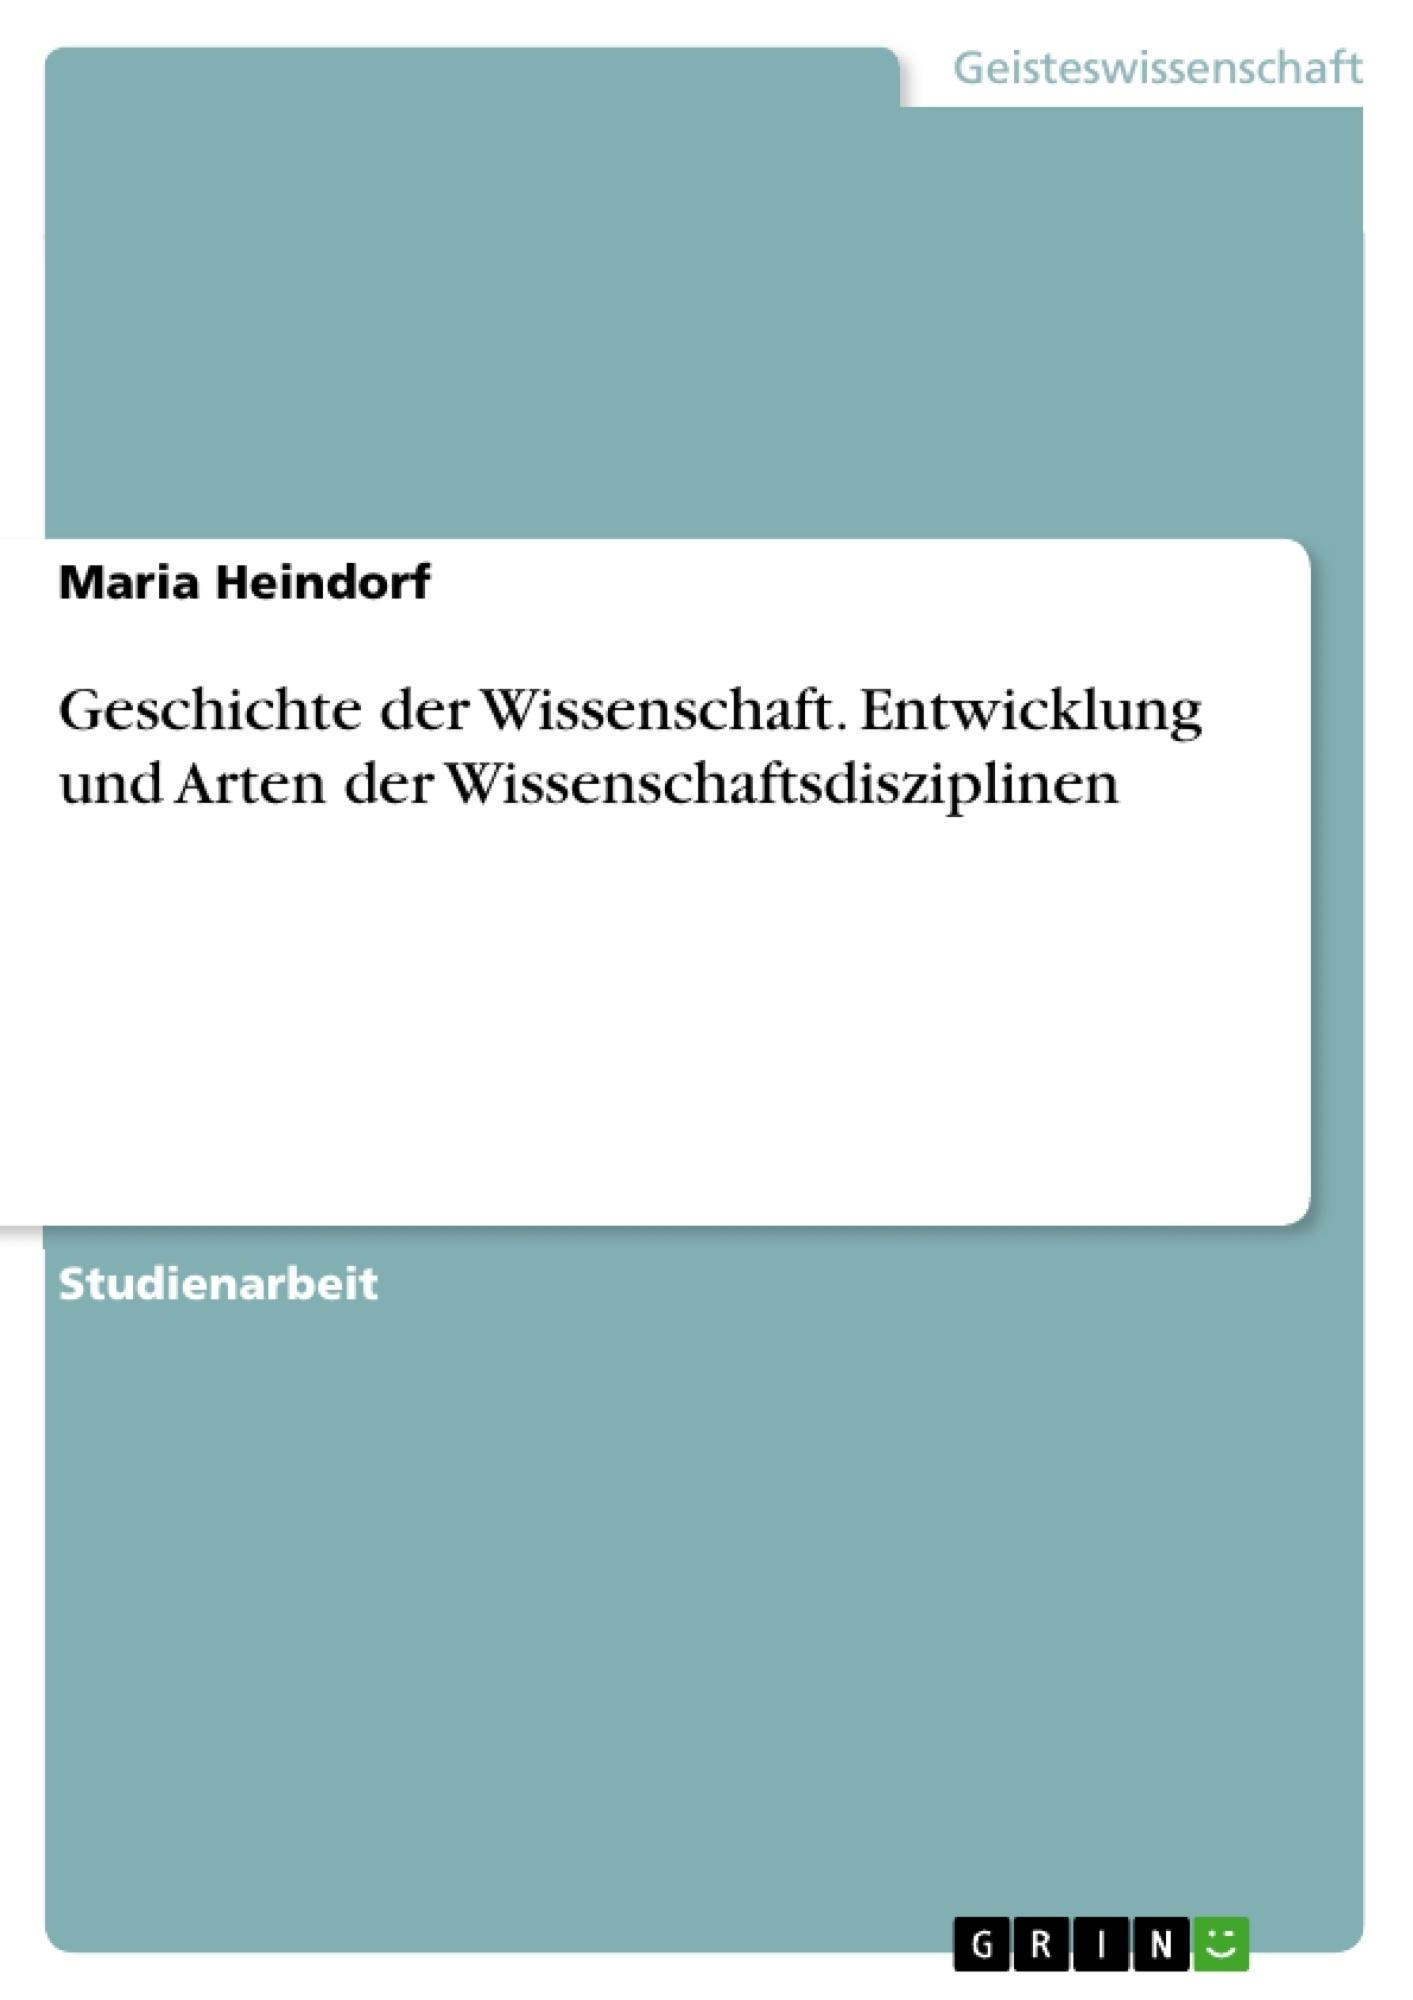 Titel: Geschichte der Wissenschaft. Entwicklung und Arten der Wissenschaftsdisziplinen